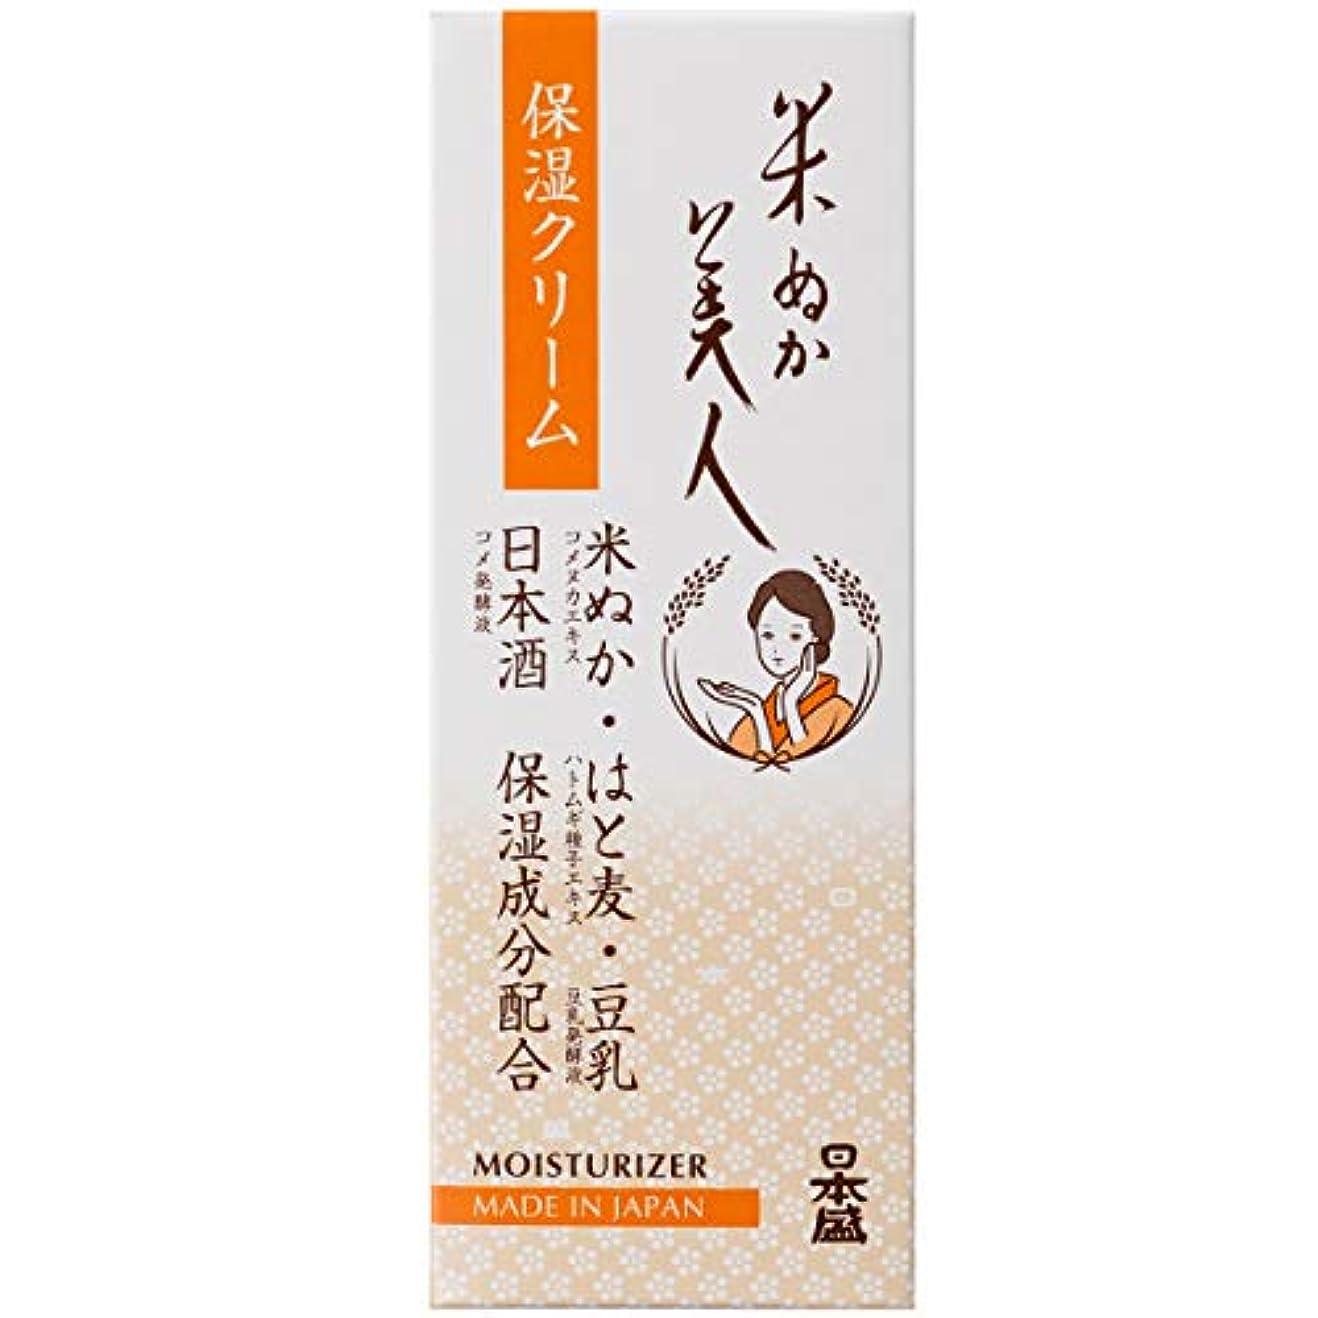 腕アプライアンスポータブル米ぬか美人 保湿クリーム 35g